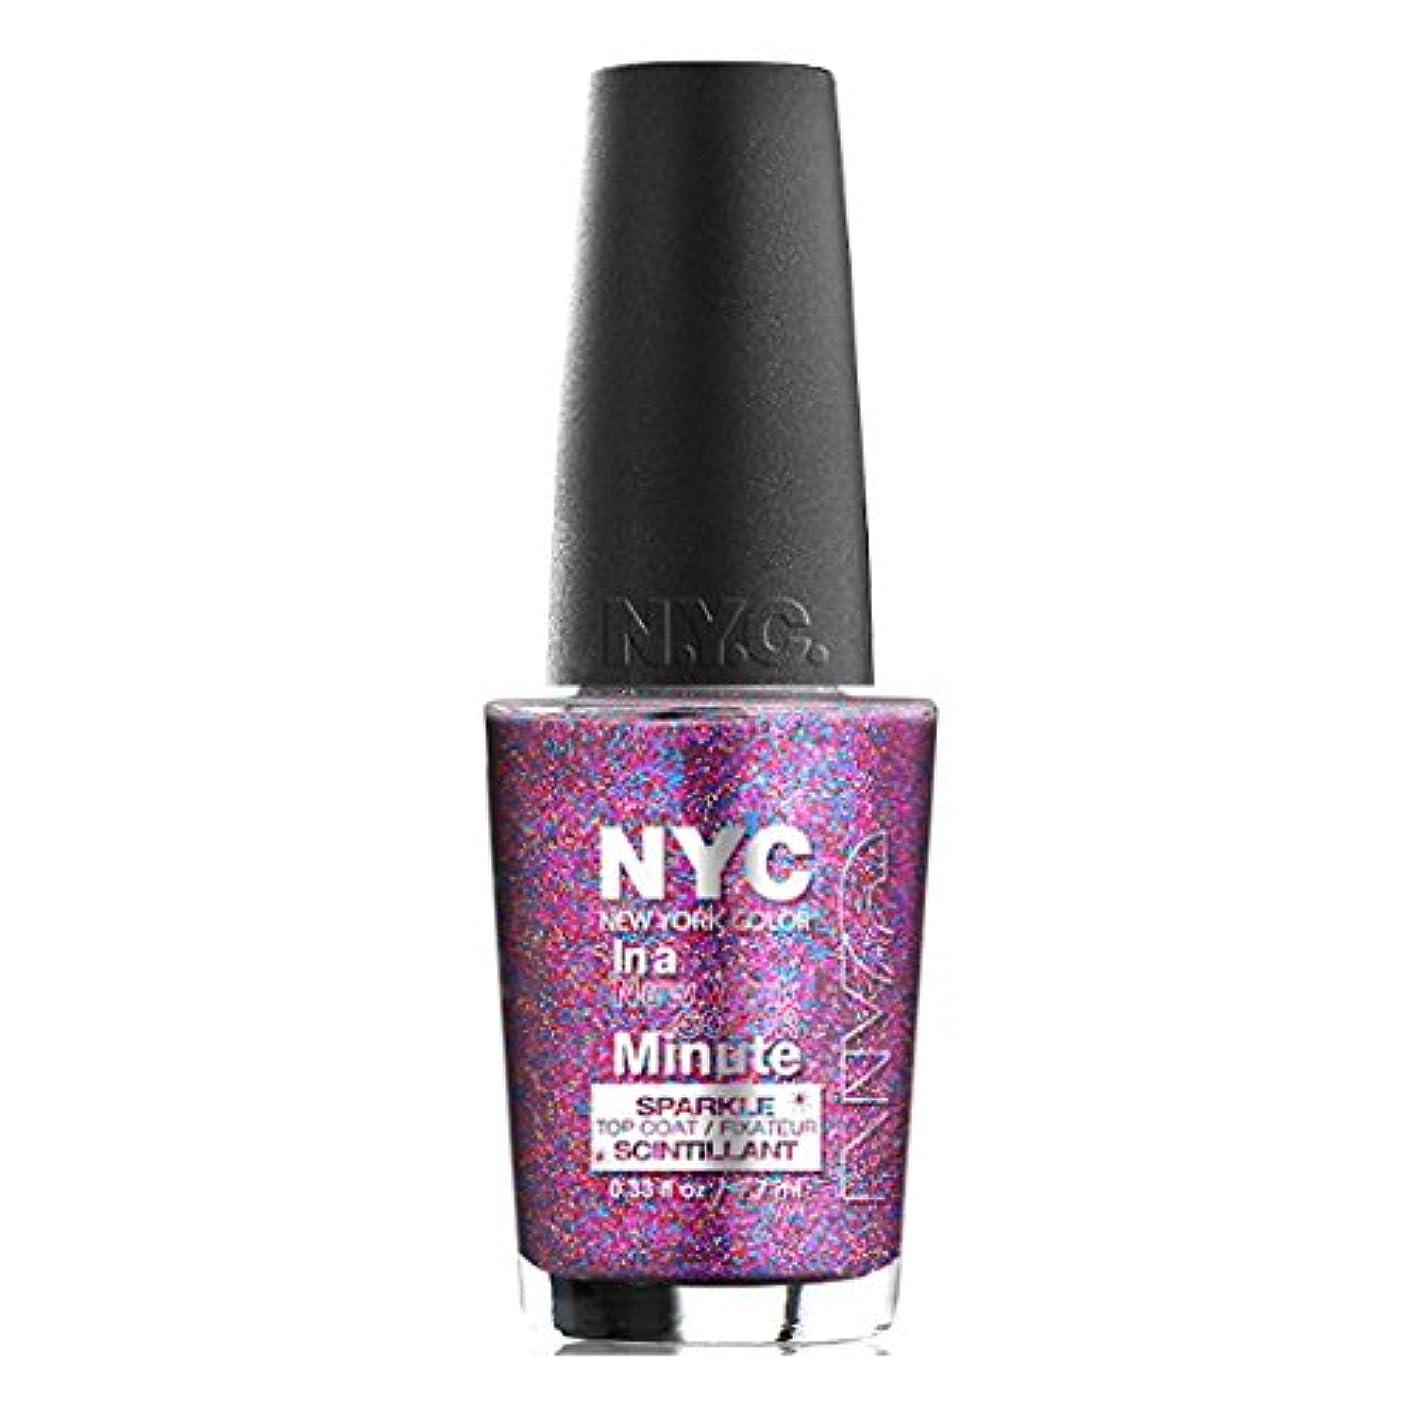 顕現ショット飛行機(6 Pack) NYC In A New York Color Minute Sparkle Top Coat - Big City Dazzle (並行輸入品)